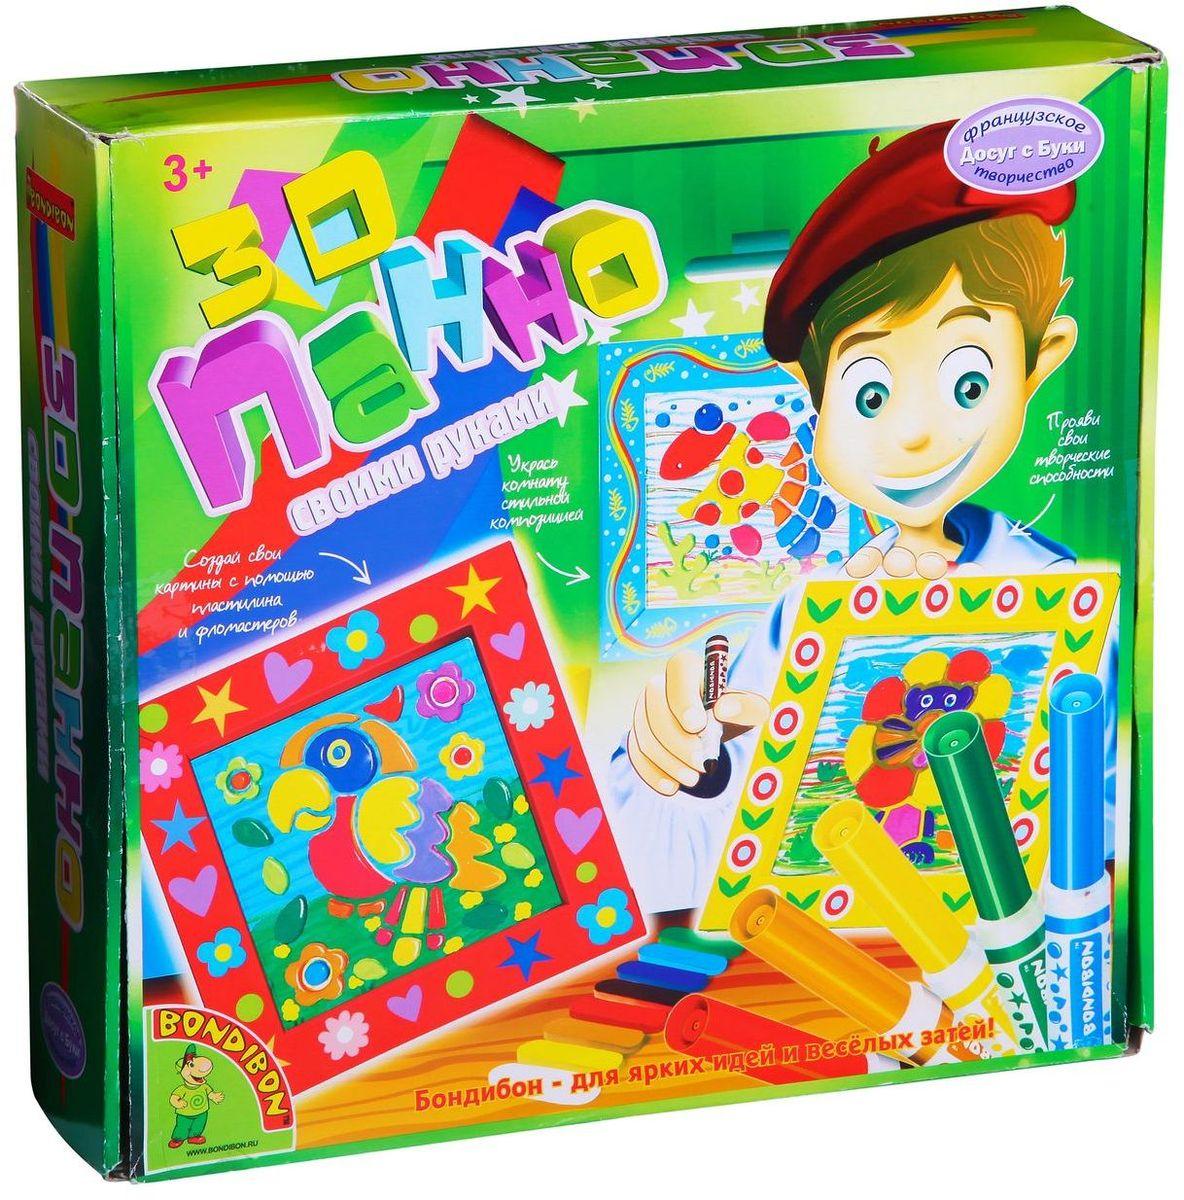 Bondibon Набор для творчества 3D панно-раскраскиВВ1204Увлекательный набор для творчества позволит вашему ребенку в полной мере проявить свои творческие способности, создав свои 3D панно с помощью трафаретов, шаблонов, пластилина и фломастеров. Как здорово украсить свою комнату красивым объемным панно! Сделать это совсем не сложно: яркие фломастеры, цветной пластилин, немного усидчивости, внимания и творческого воображения – вот и все, что понадобится дошкольнику, чтобы создать красочную 3D-картинку в симпатичной рамочке. Набор для создания 3D-панно отлично развивает фантазию и художественный вкус малыша, помогает ему освоить навыки рисования и лепки. Такое панно станет эффектным украшением детской комнаты, а для родителей ребенка или его друзей эта красивая объемная картинка будет приятным подарком.